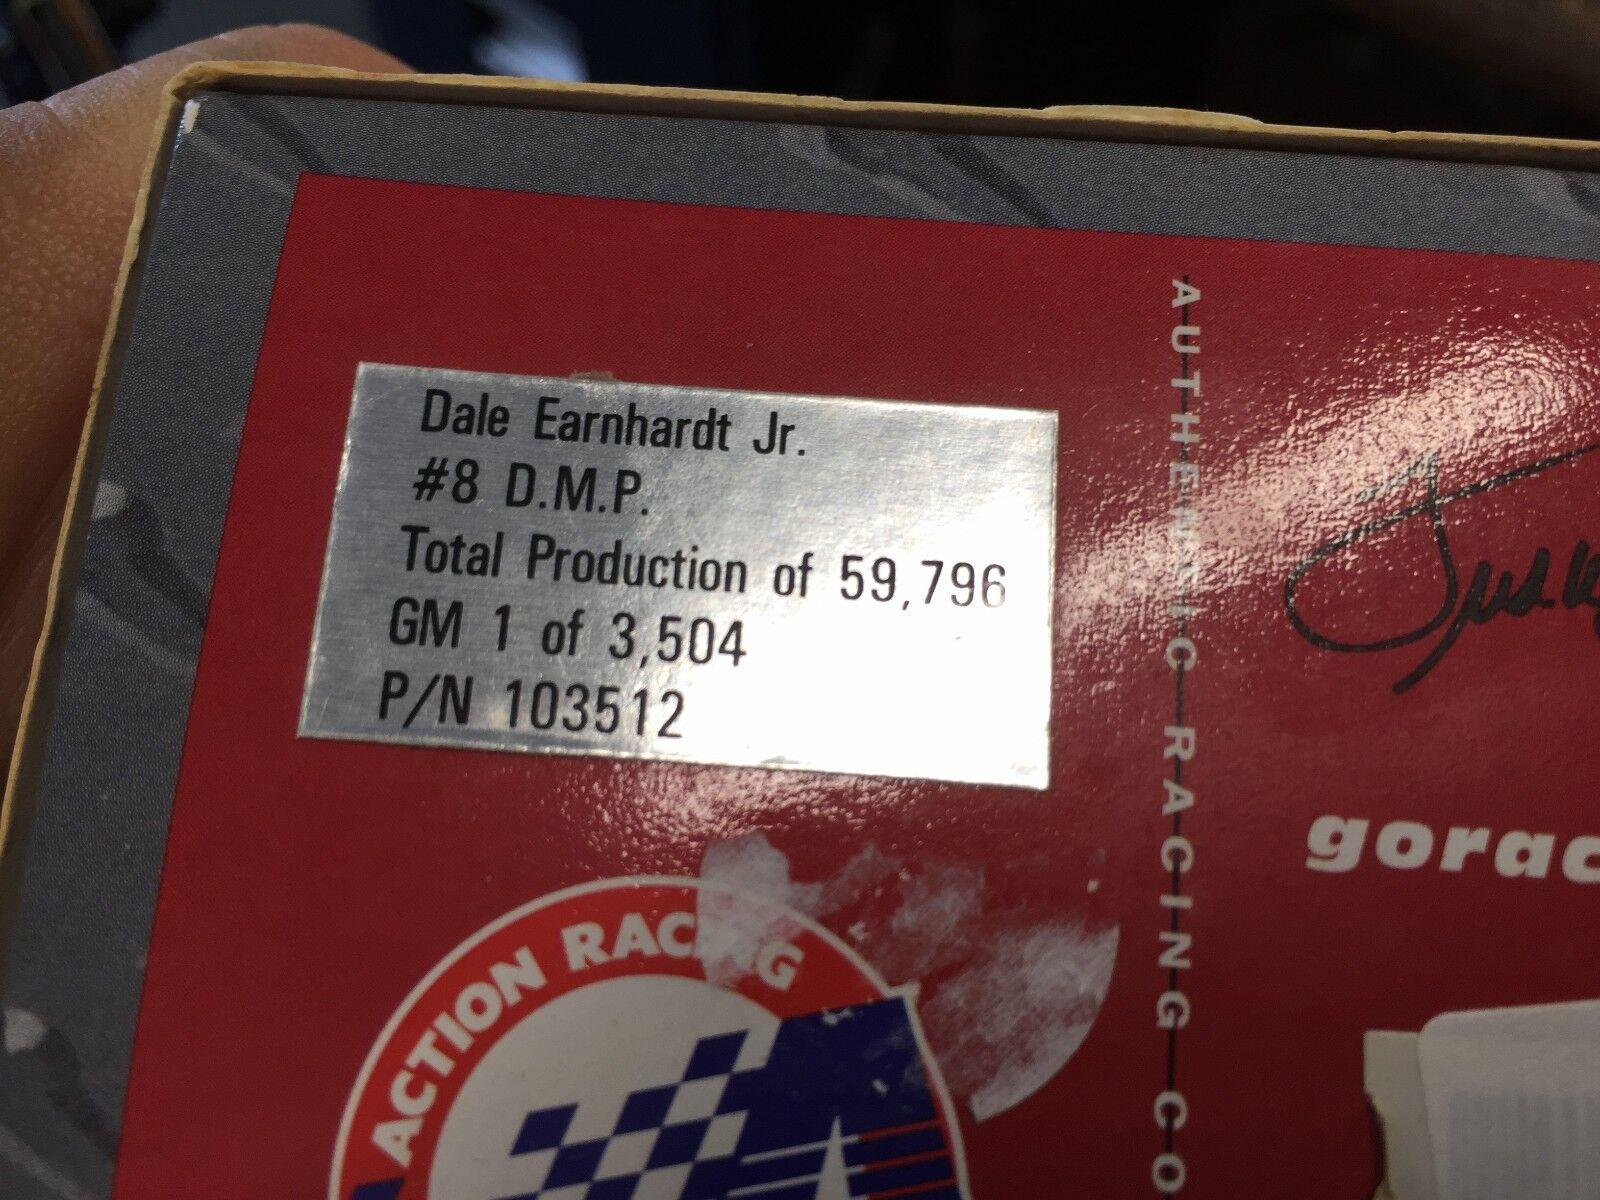 1 24 ACTION Dale Earnhardt Jr. DMP 1 of 59796 59796 59796 f7a870